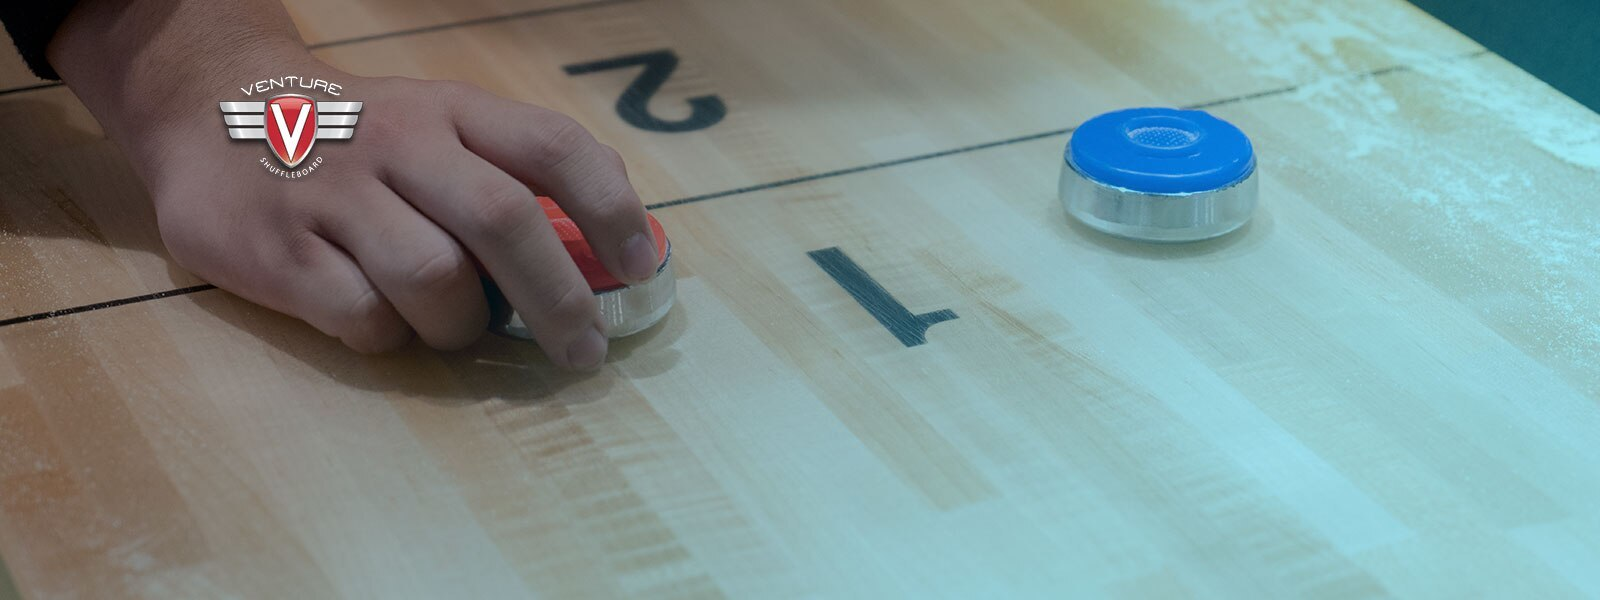 Venture shuffleboard